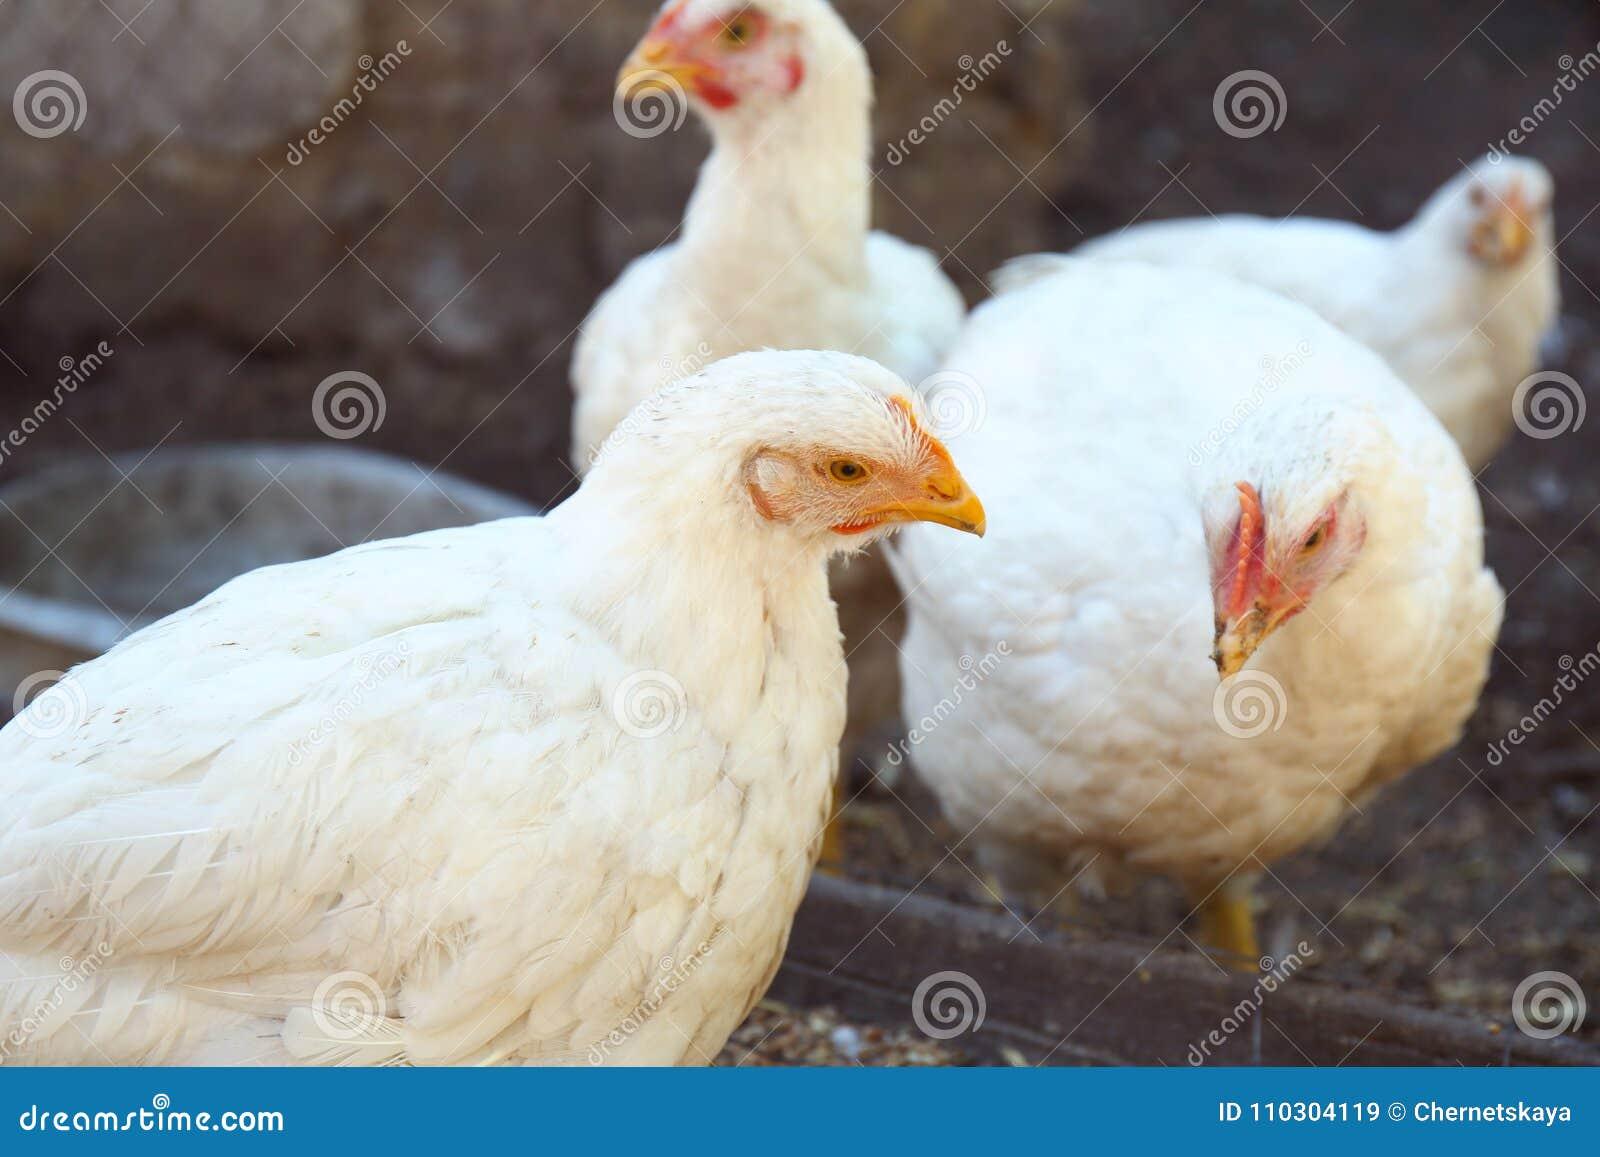 Domestic chickens at farm